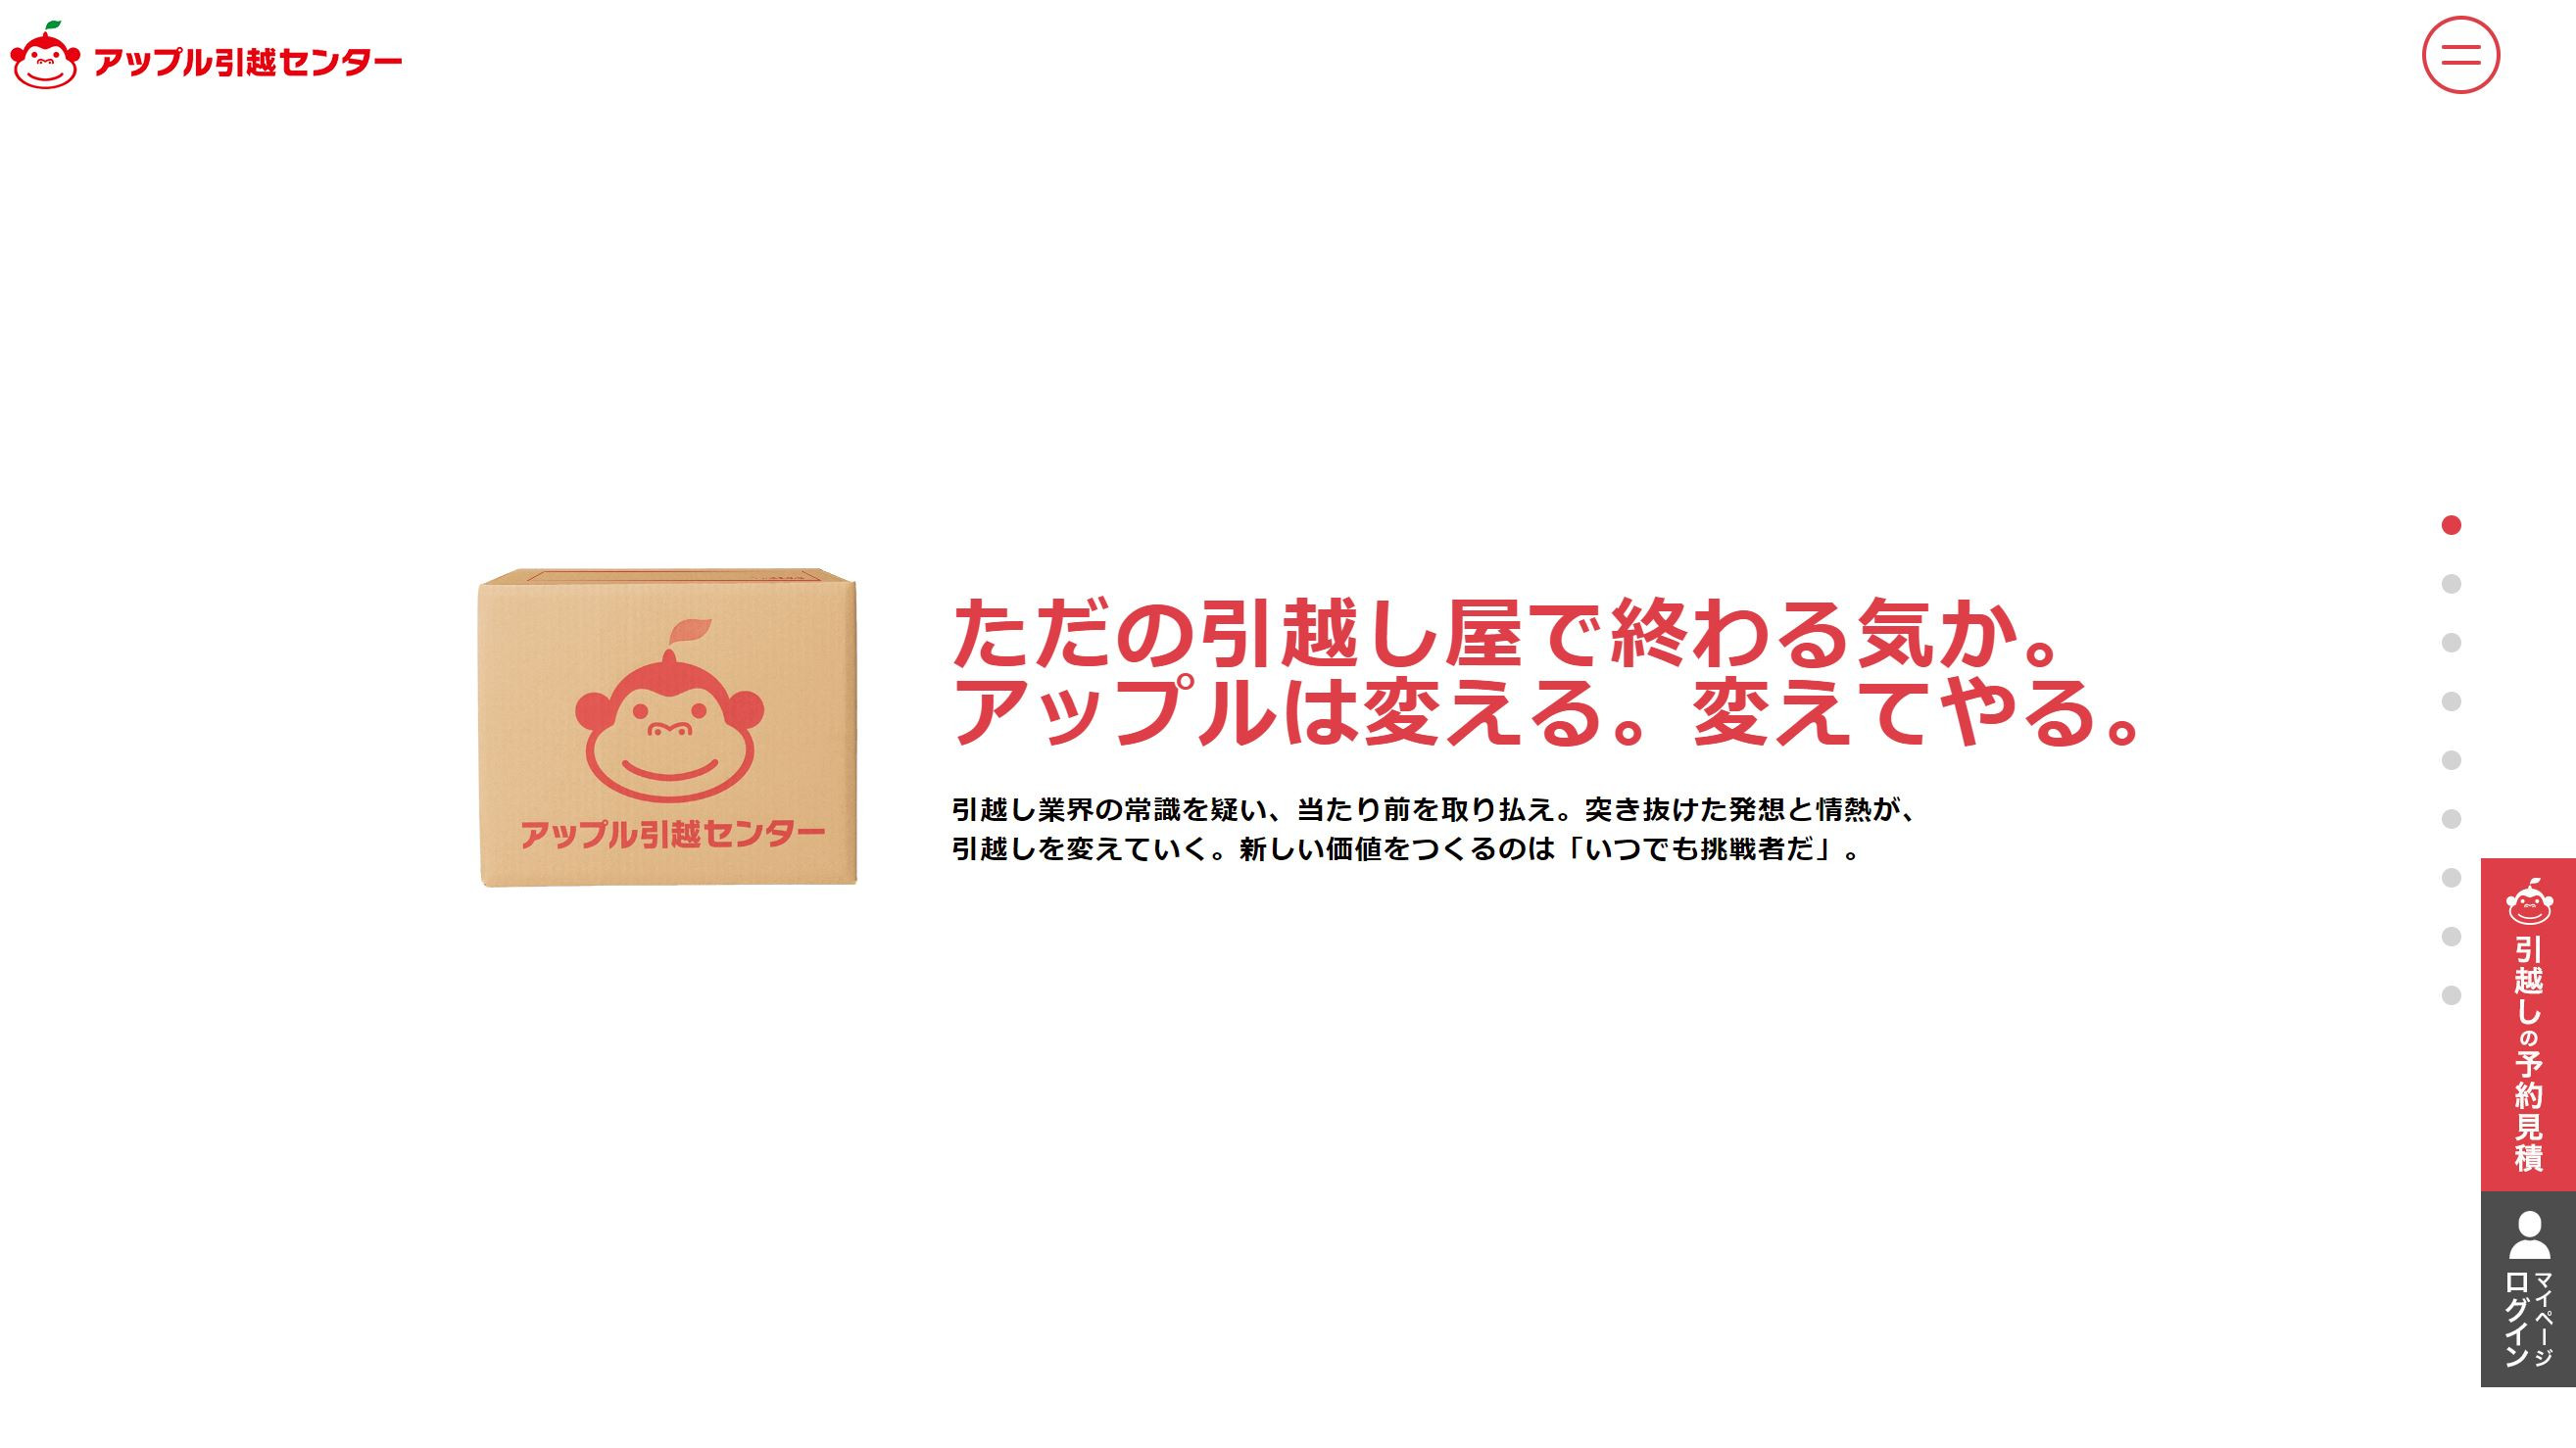 ホームページ制作実績株式会社アップル様